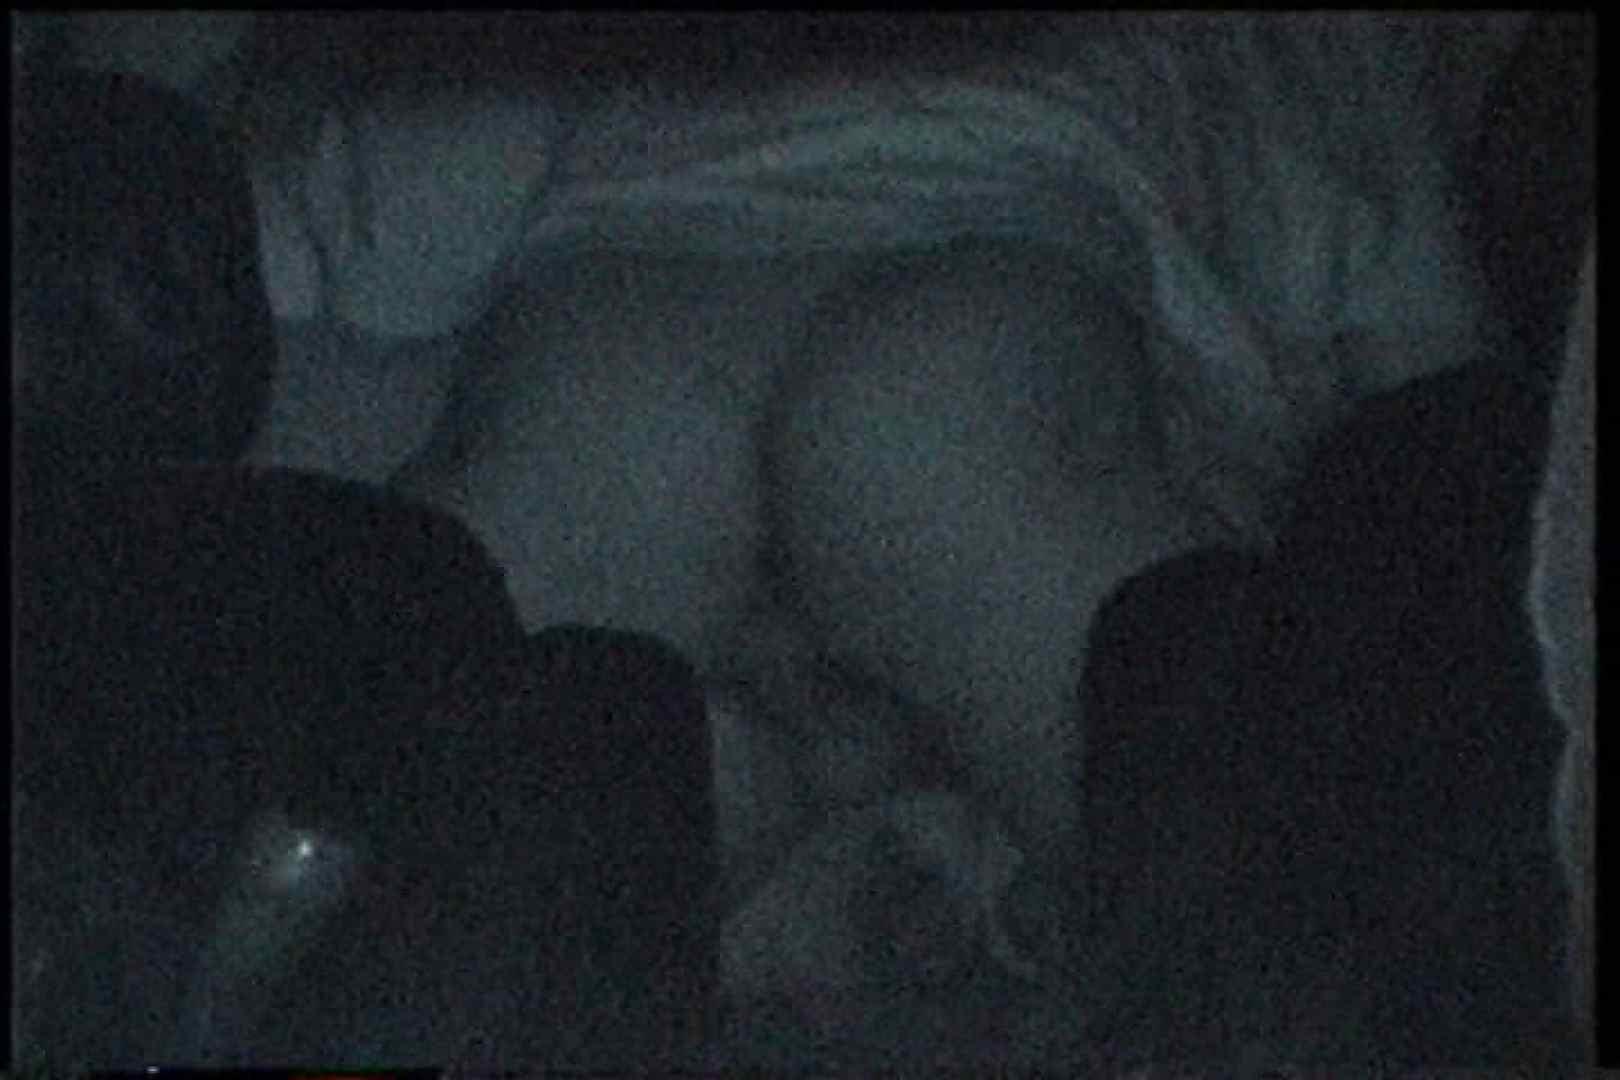 充血監督の深夜の運動会Vol.172 ぱっくり下半身 のぞき動画画像 64画像 26